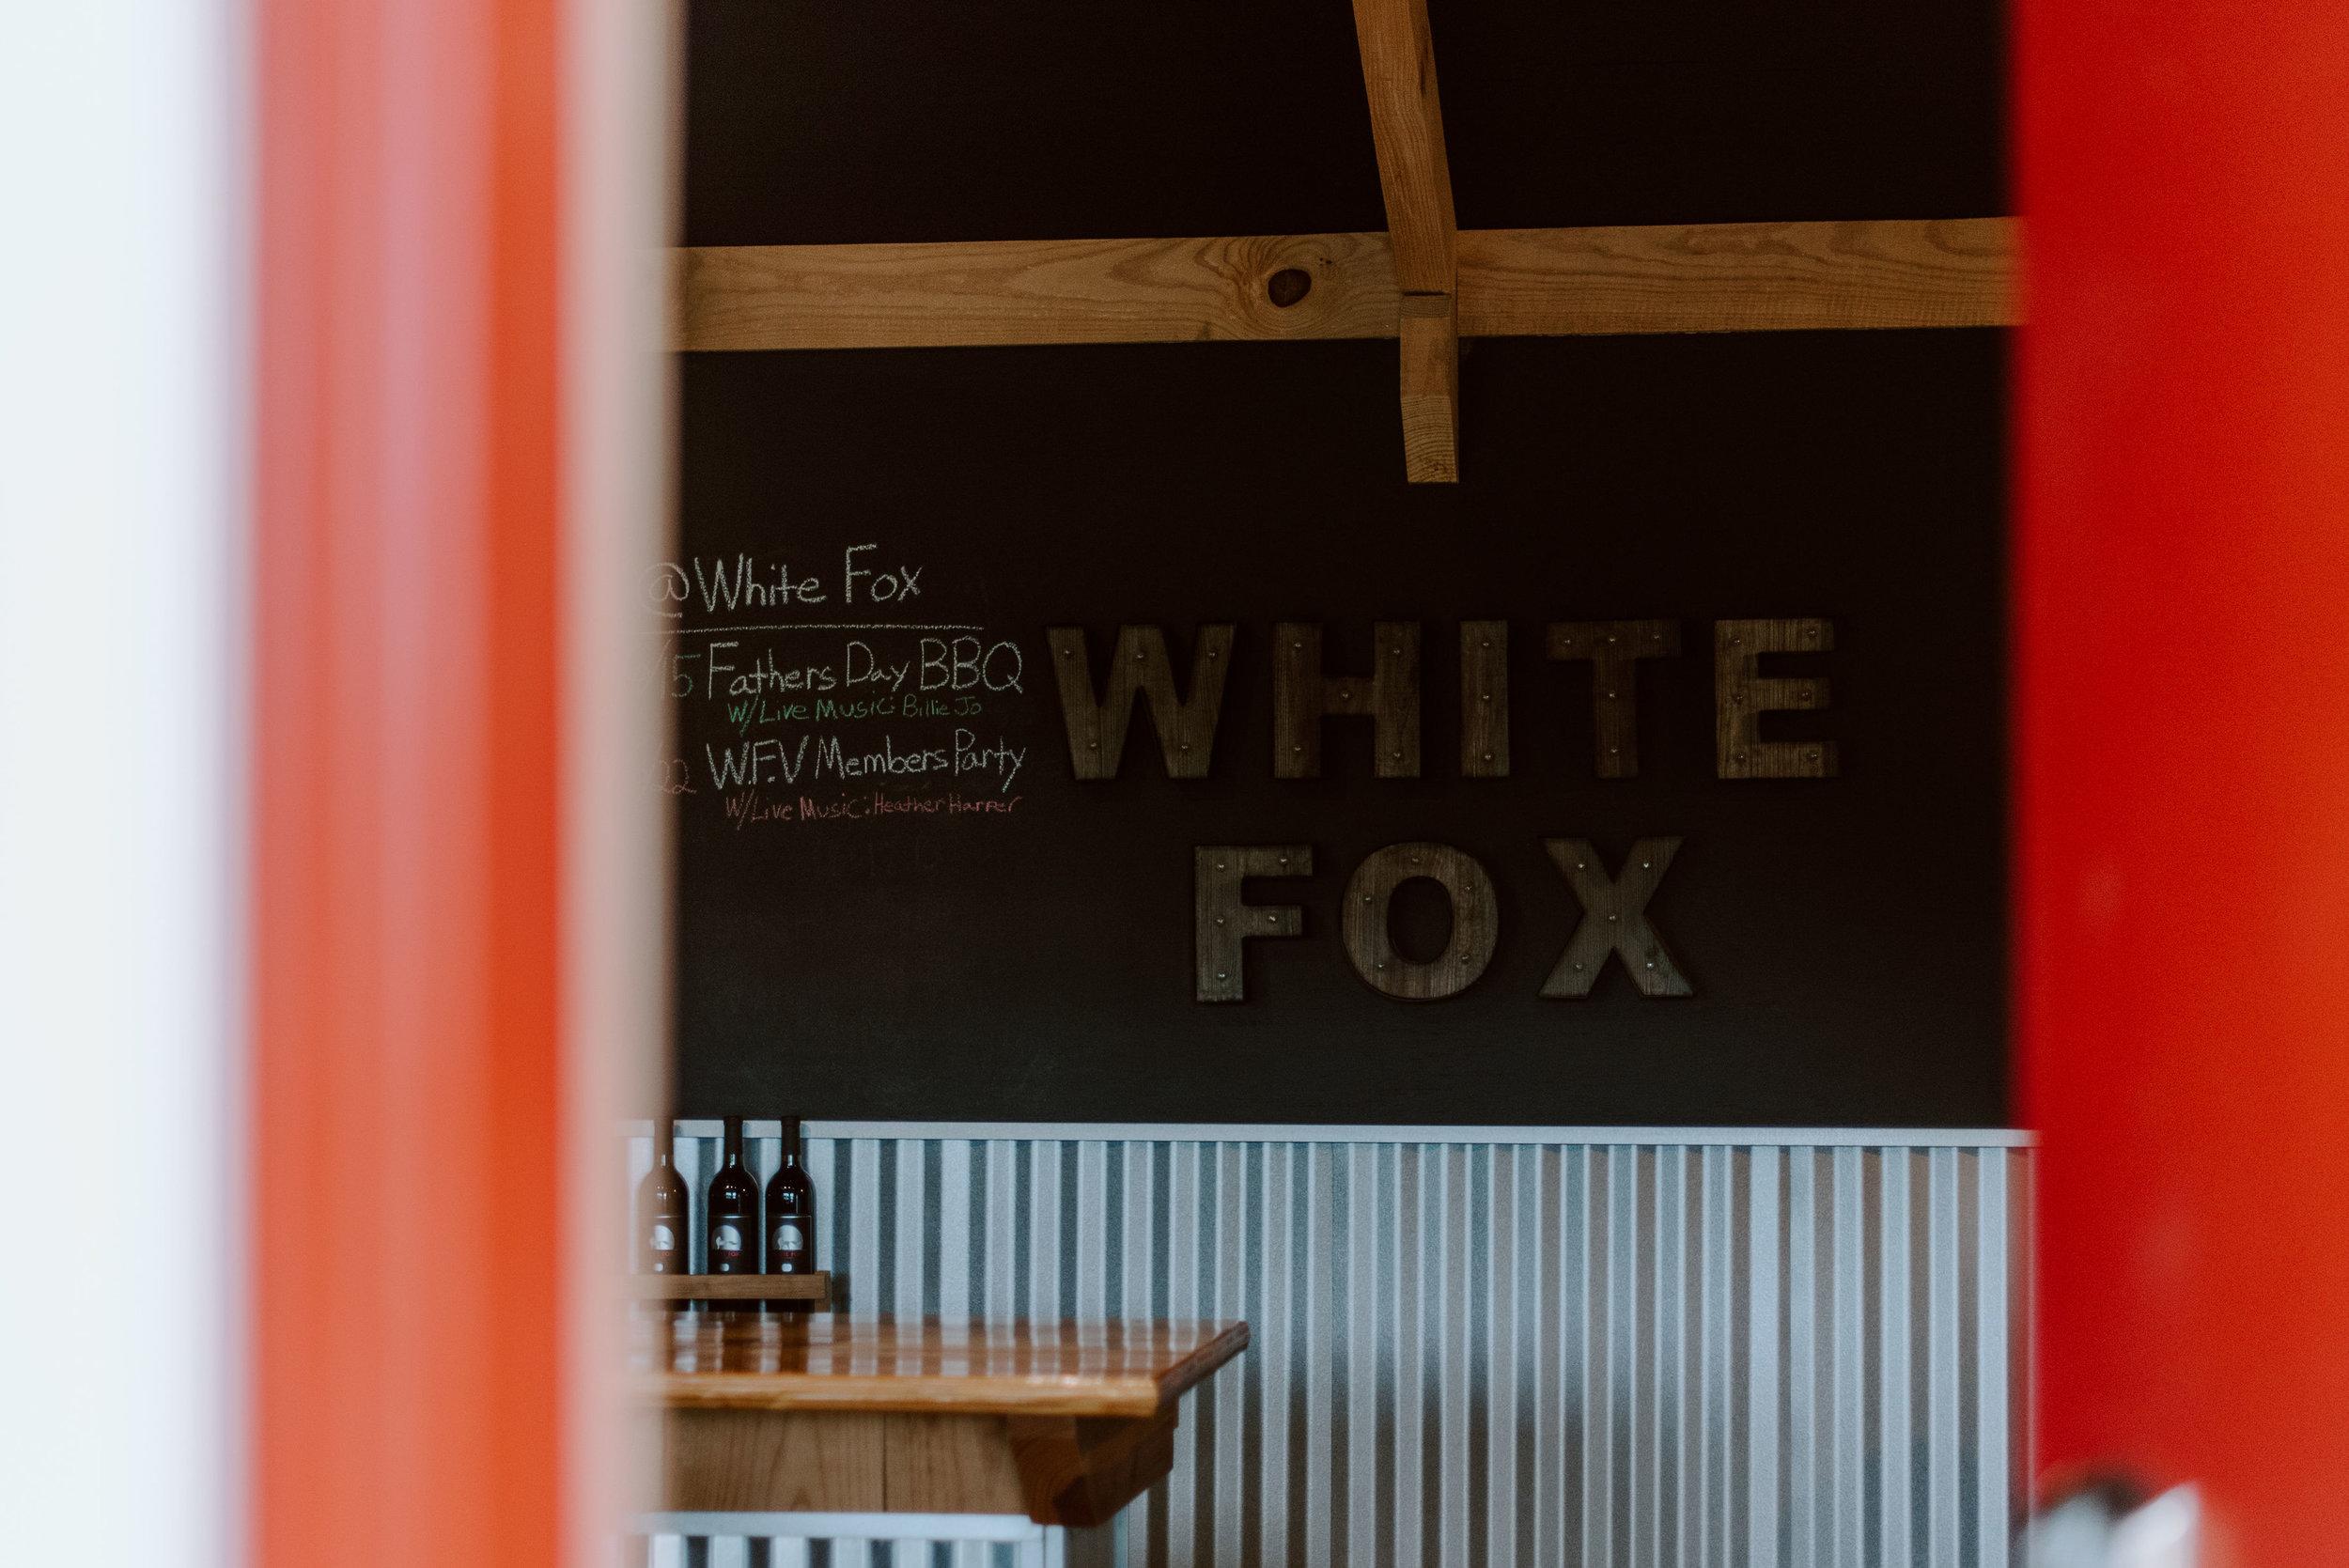 WhiteFox-107.jpg